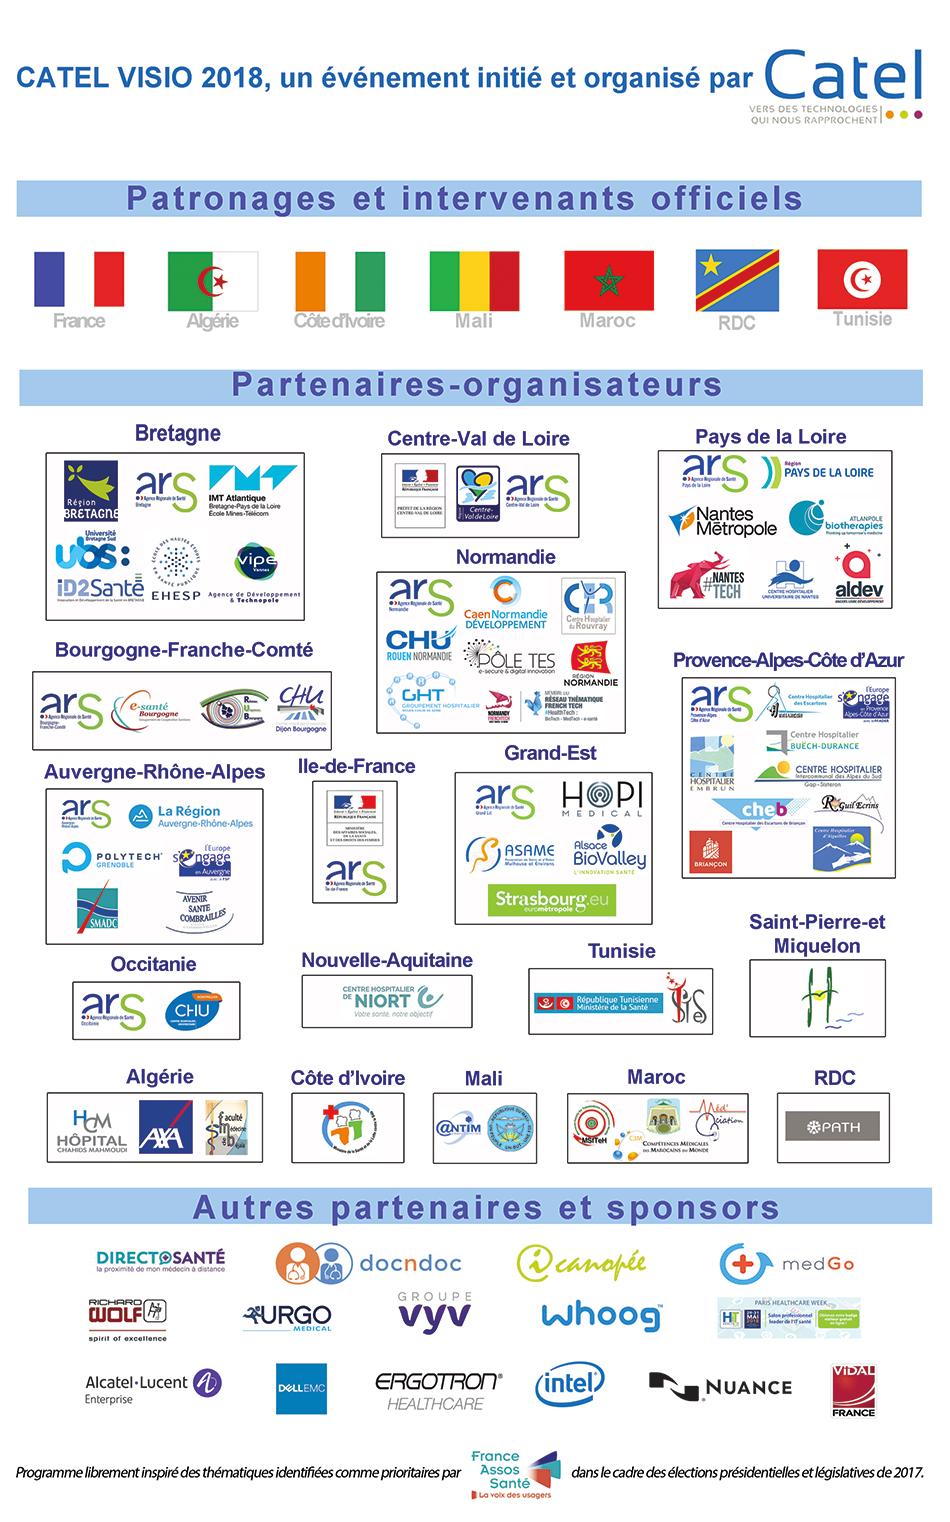 Partenaires Catel Visio 2018 - Bonnes pratiques du numérique en santé